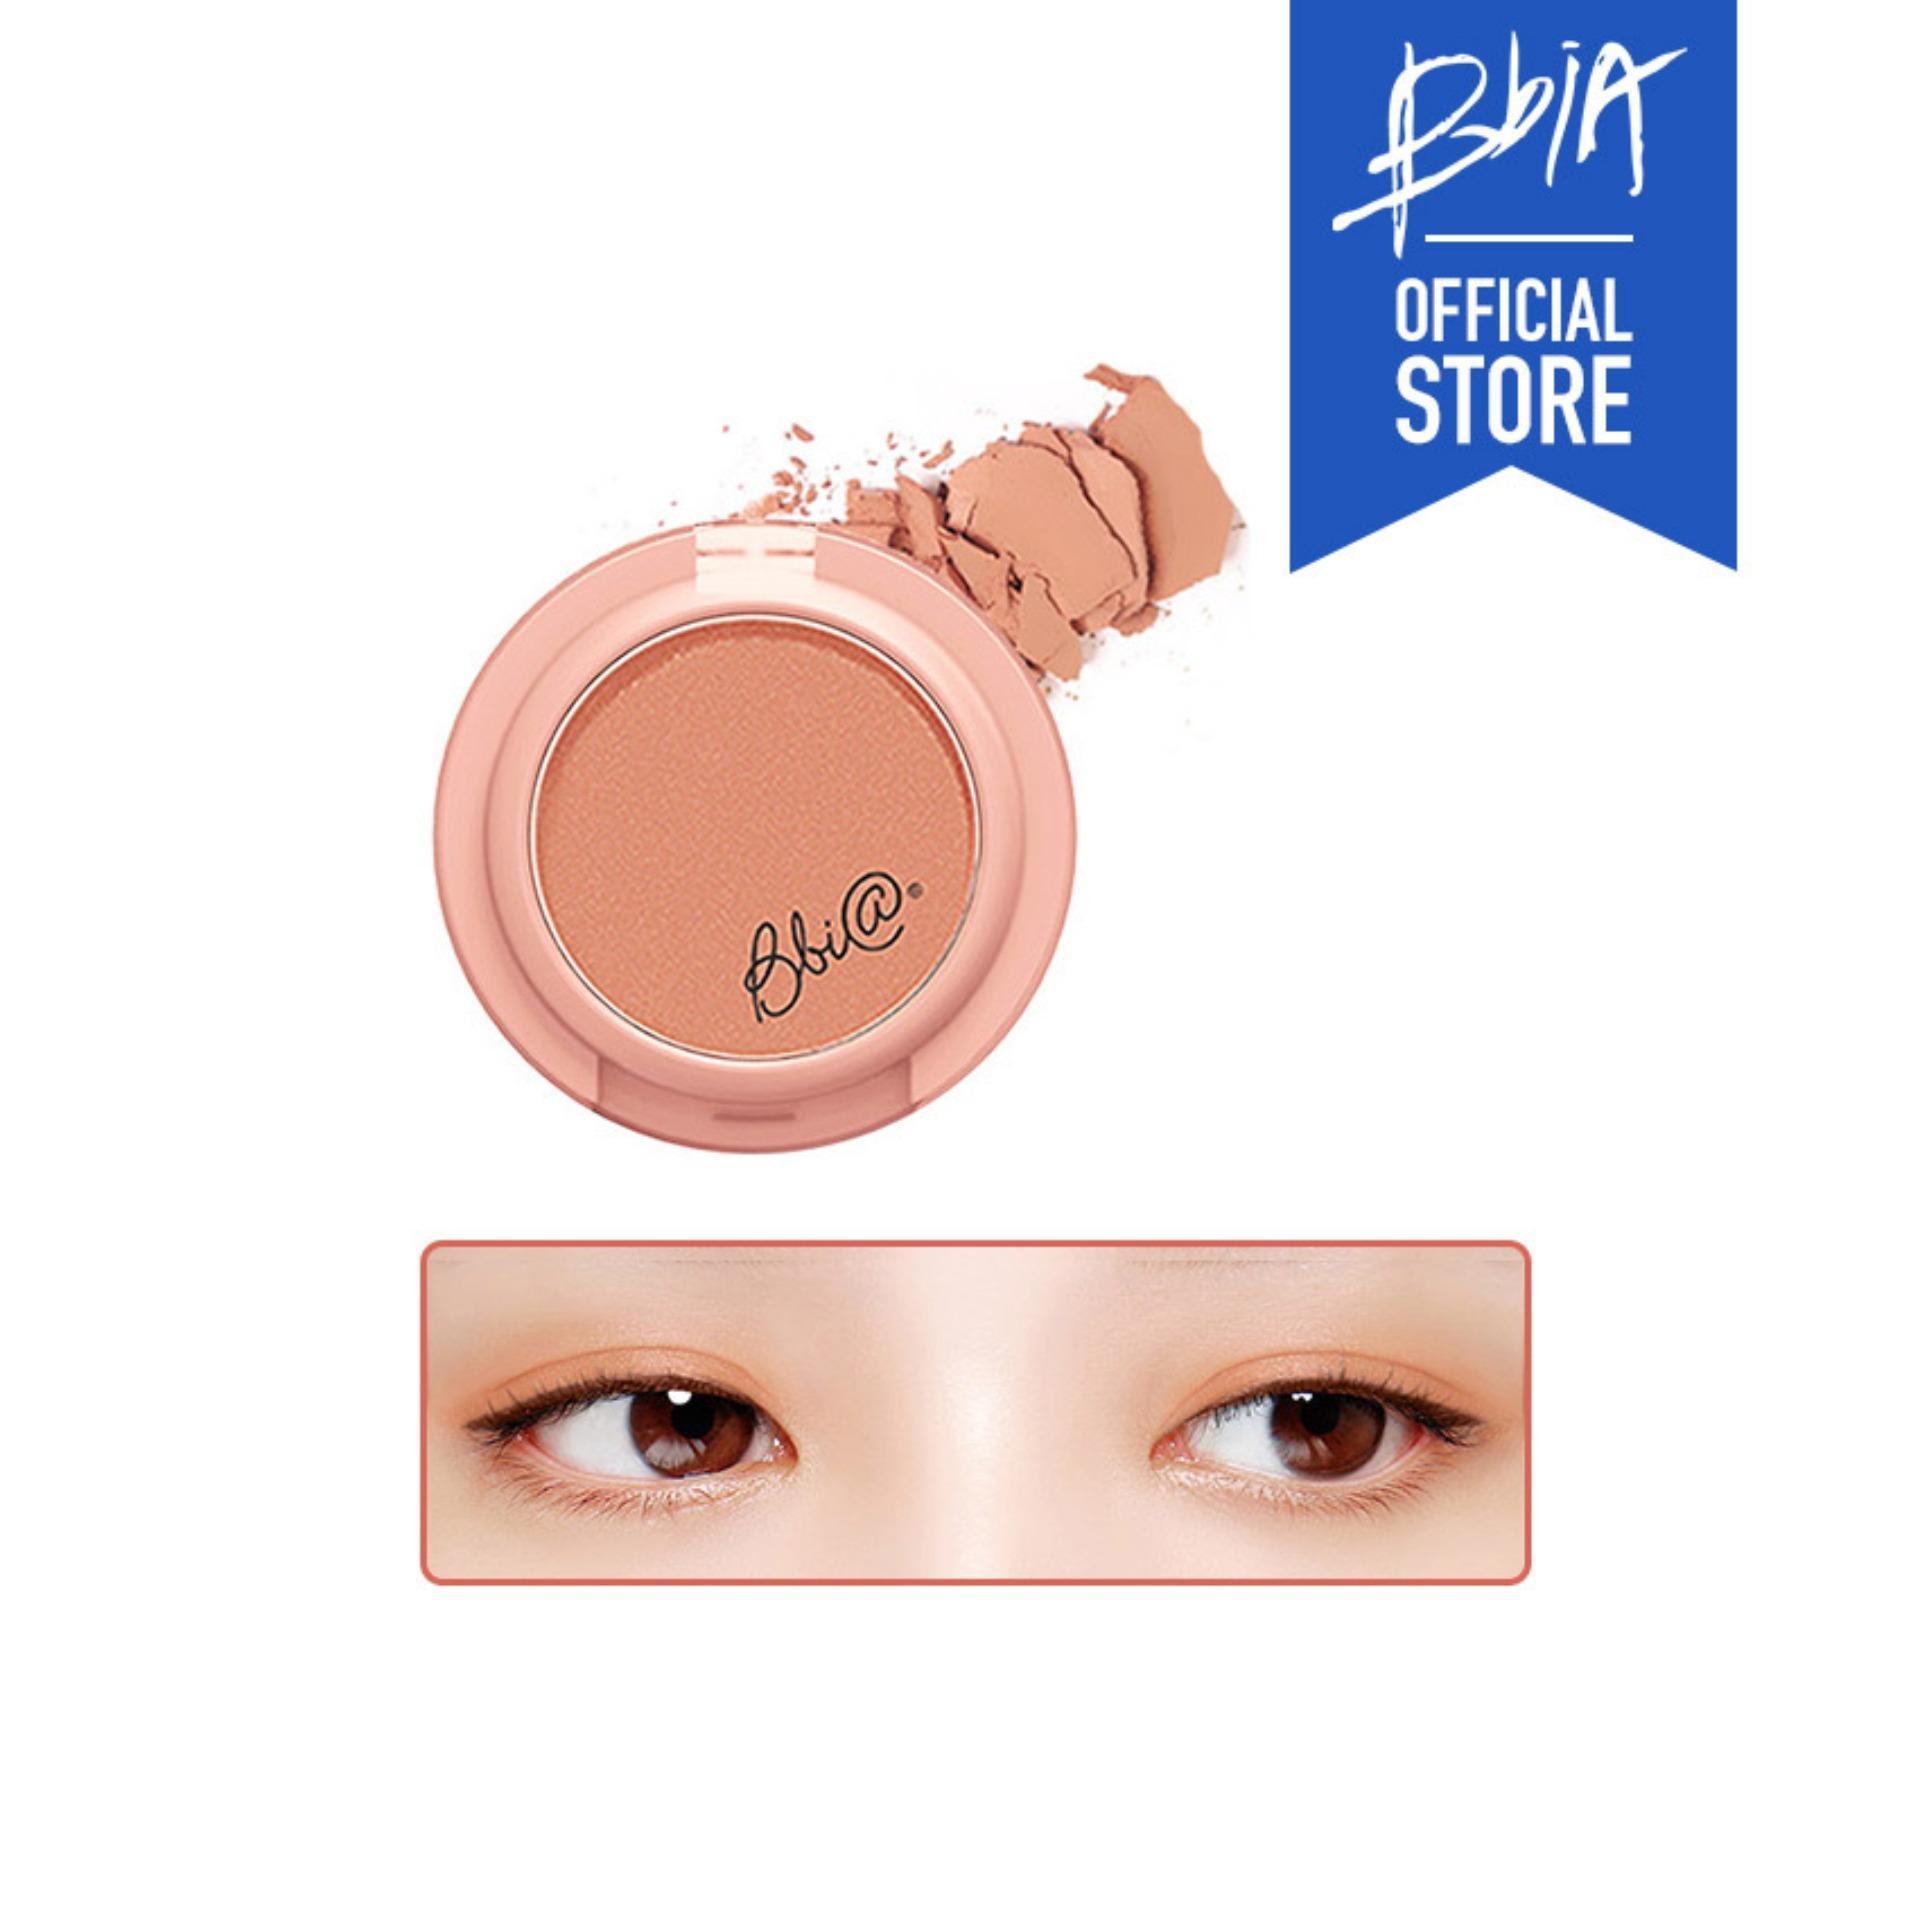 Phấn mắt Bbia Cashmere Shadow - 07 Ginger Blanc ( Màu Cam Sữa ) tốt nhất